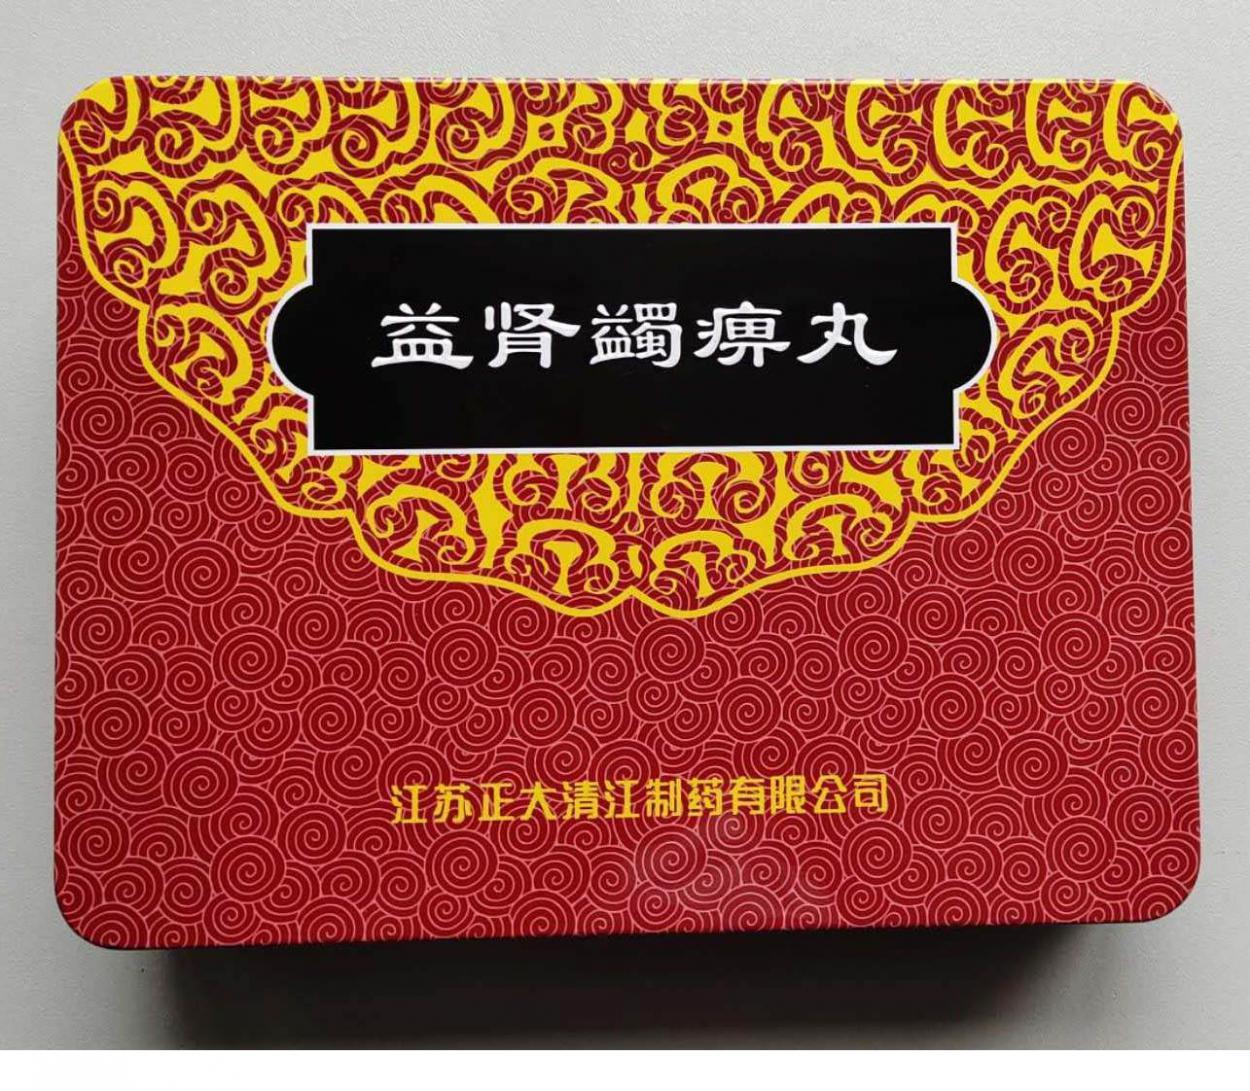 益肾蠲痹丸 Yishen Juanbi Wan